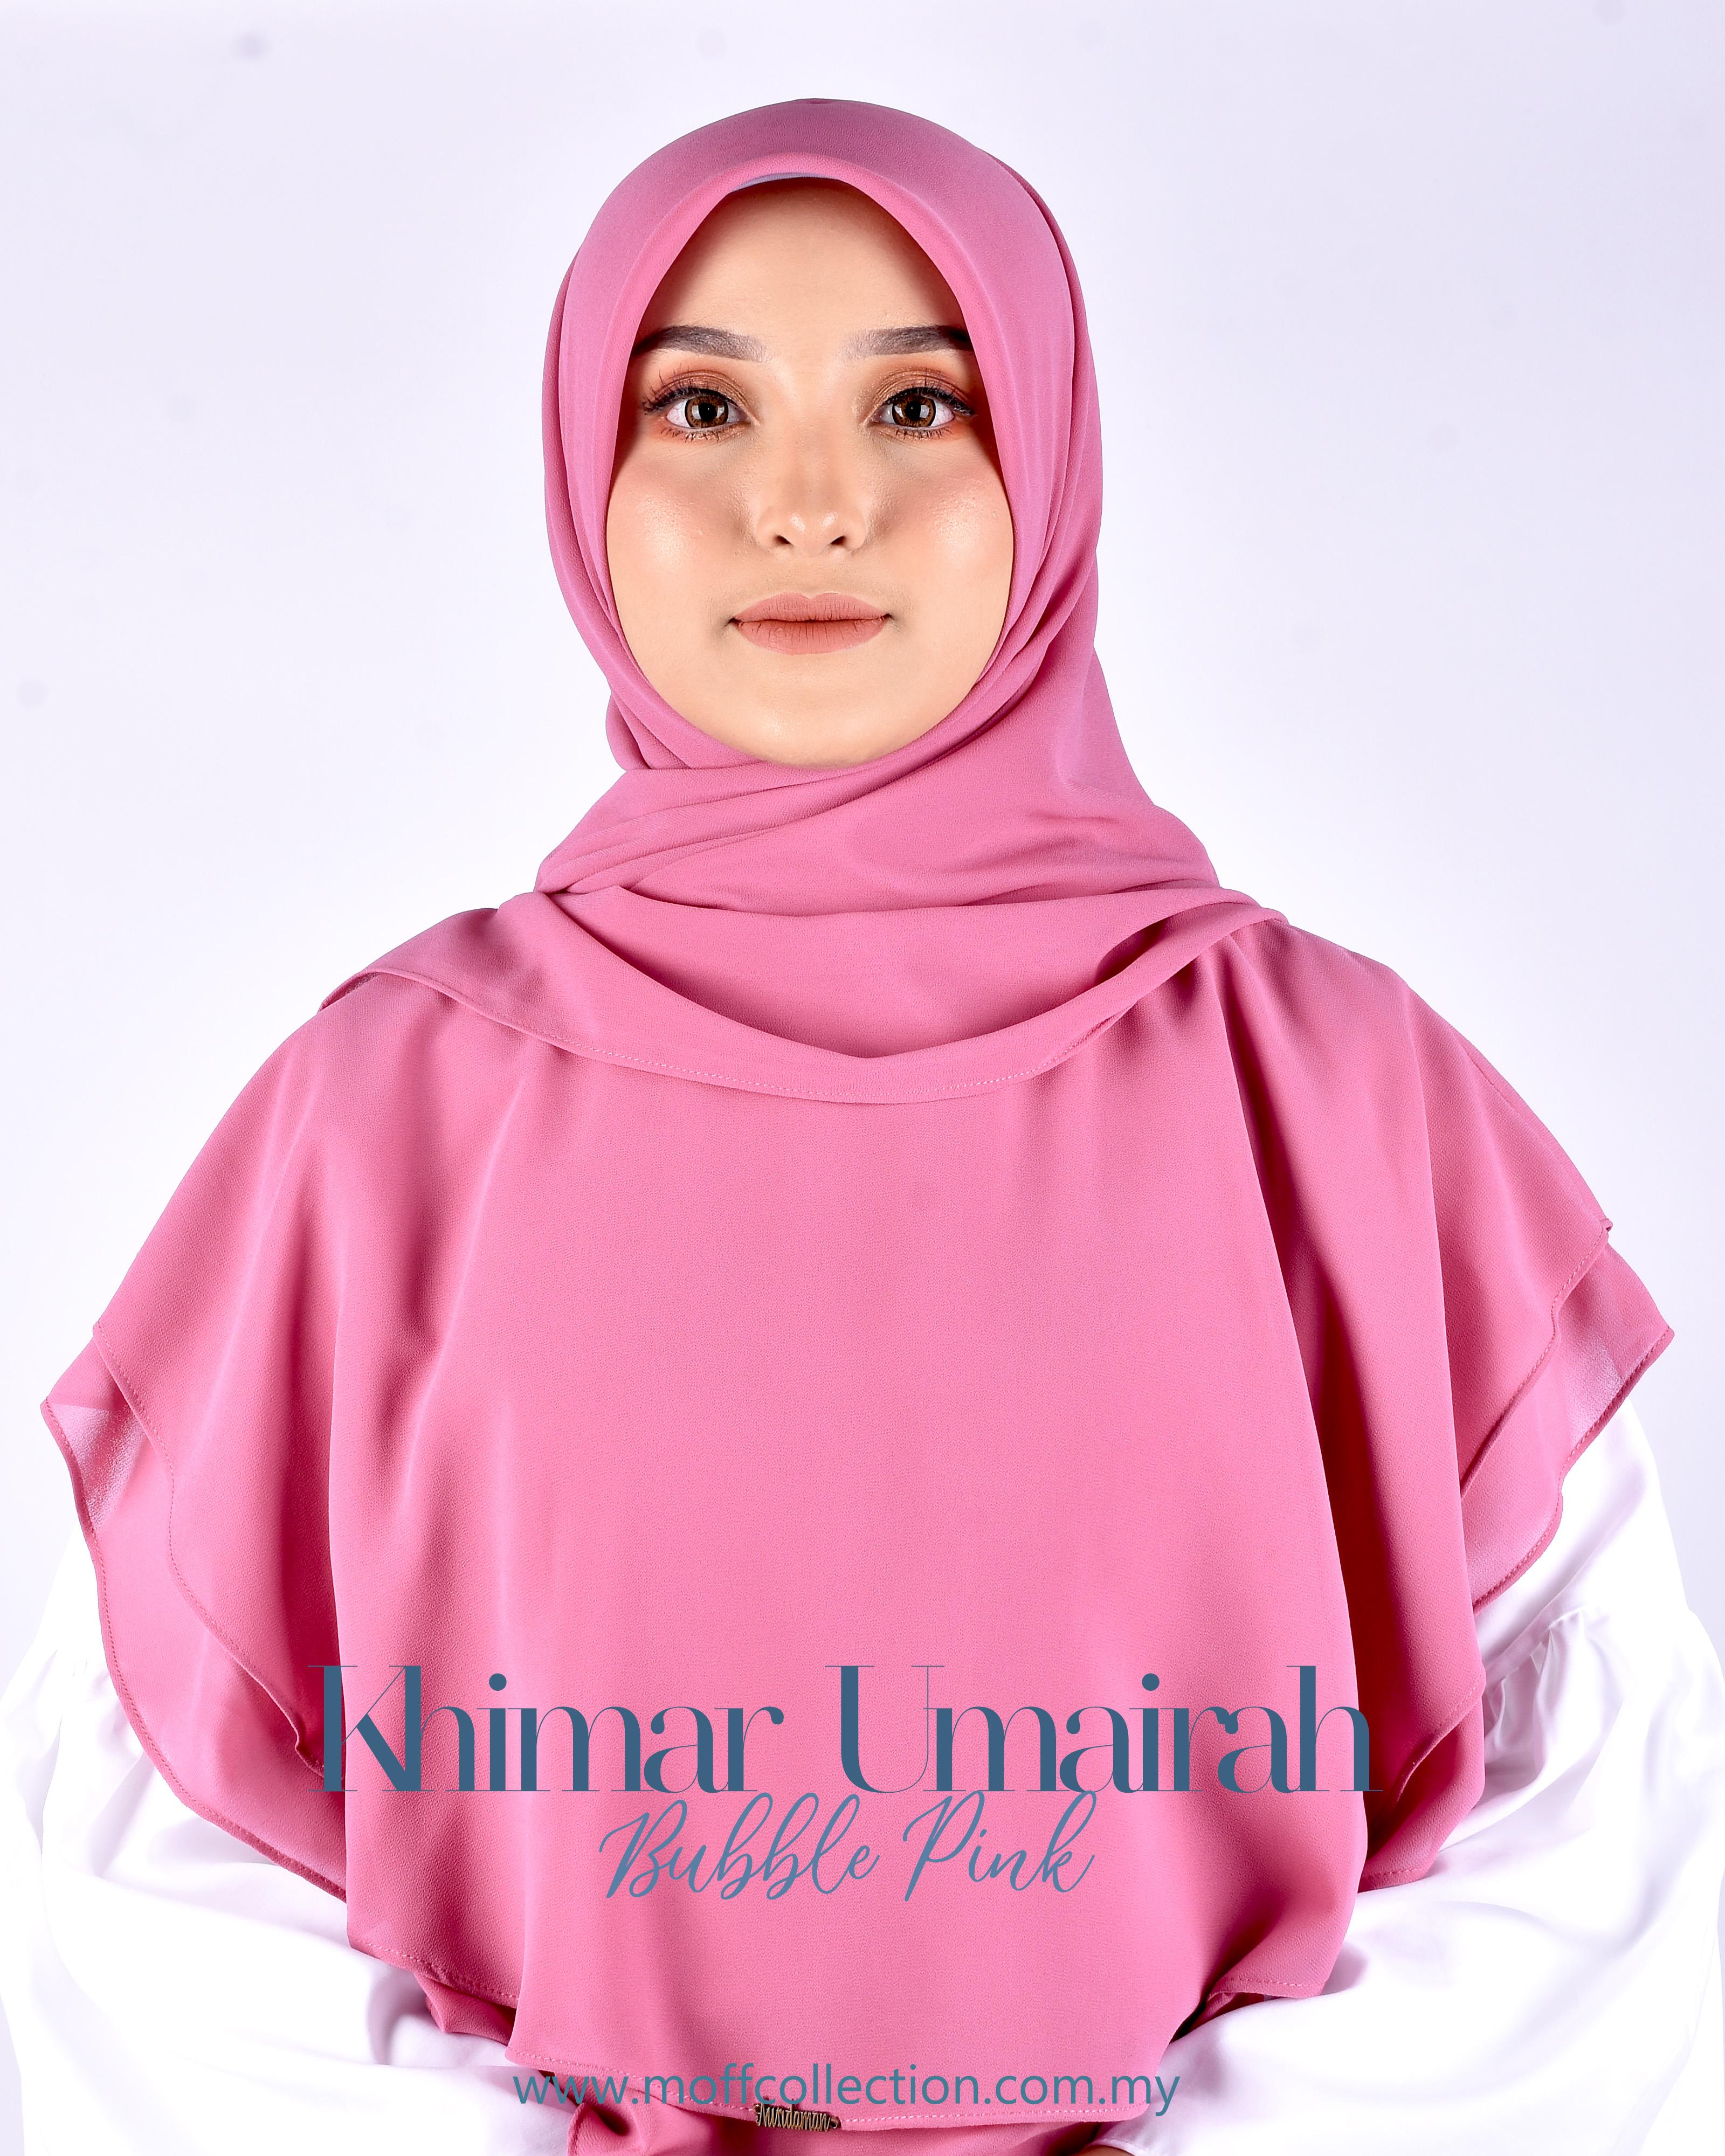 Khimar Umairah In Bubble Pink